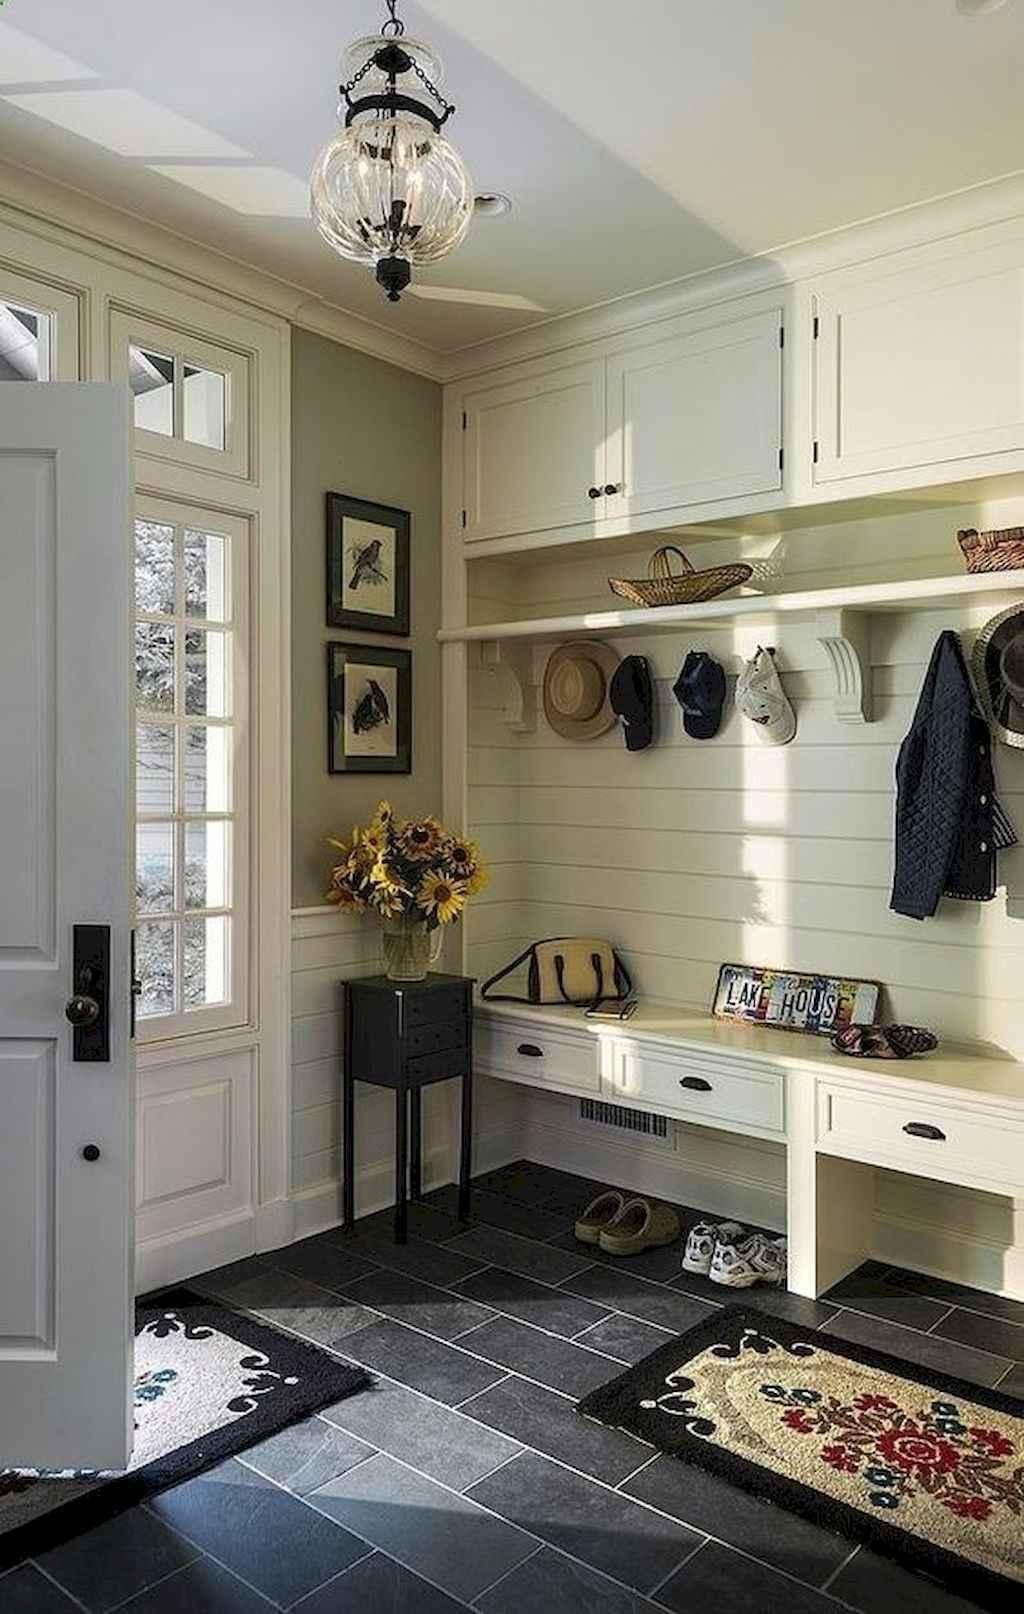 Catchy farmhouse rustic entryway decor ideas (30)